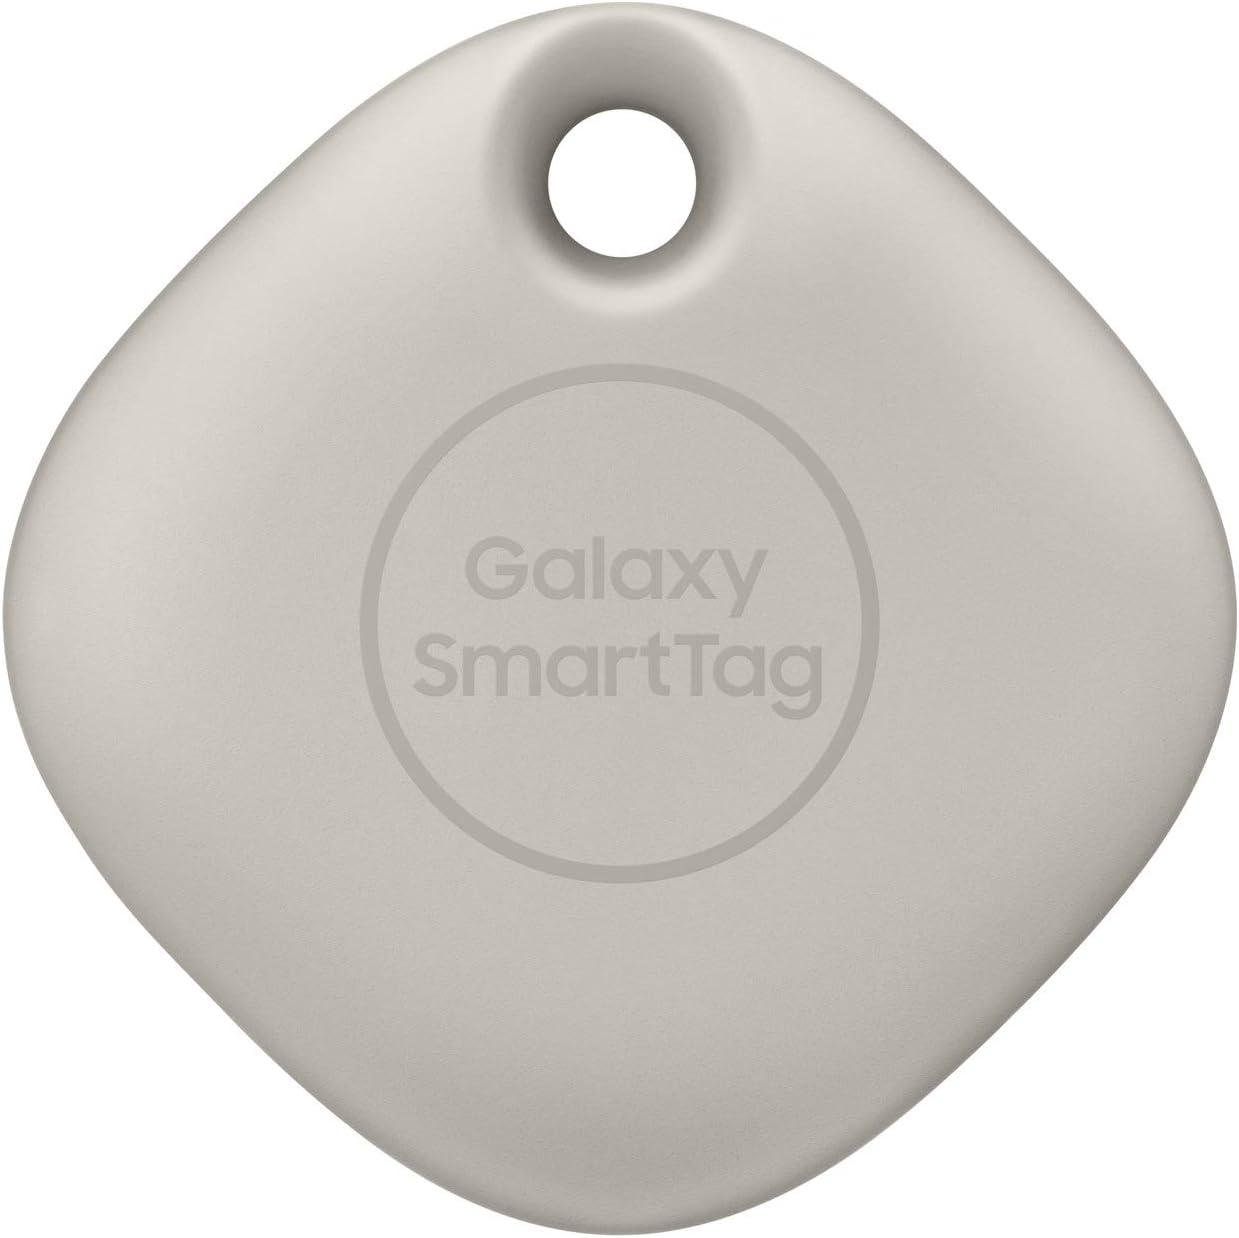 SAMSUNG Galaxy SmartTag EI-T5300, Oatmeal